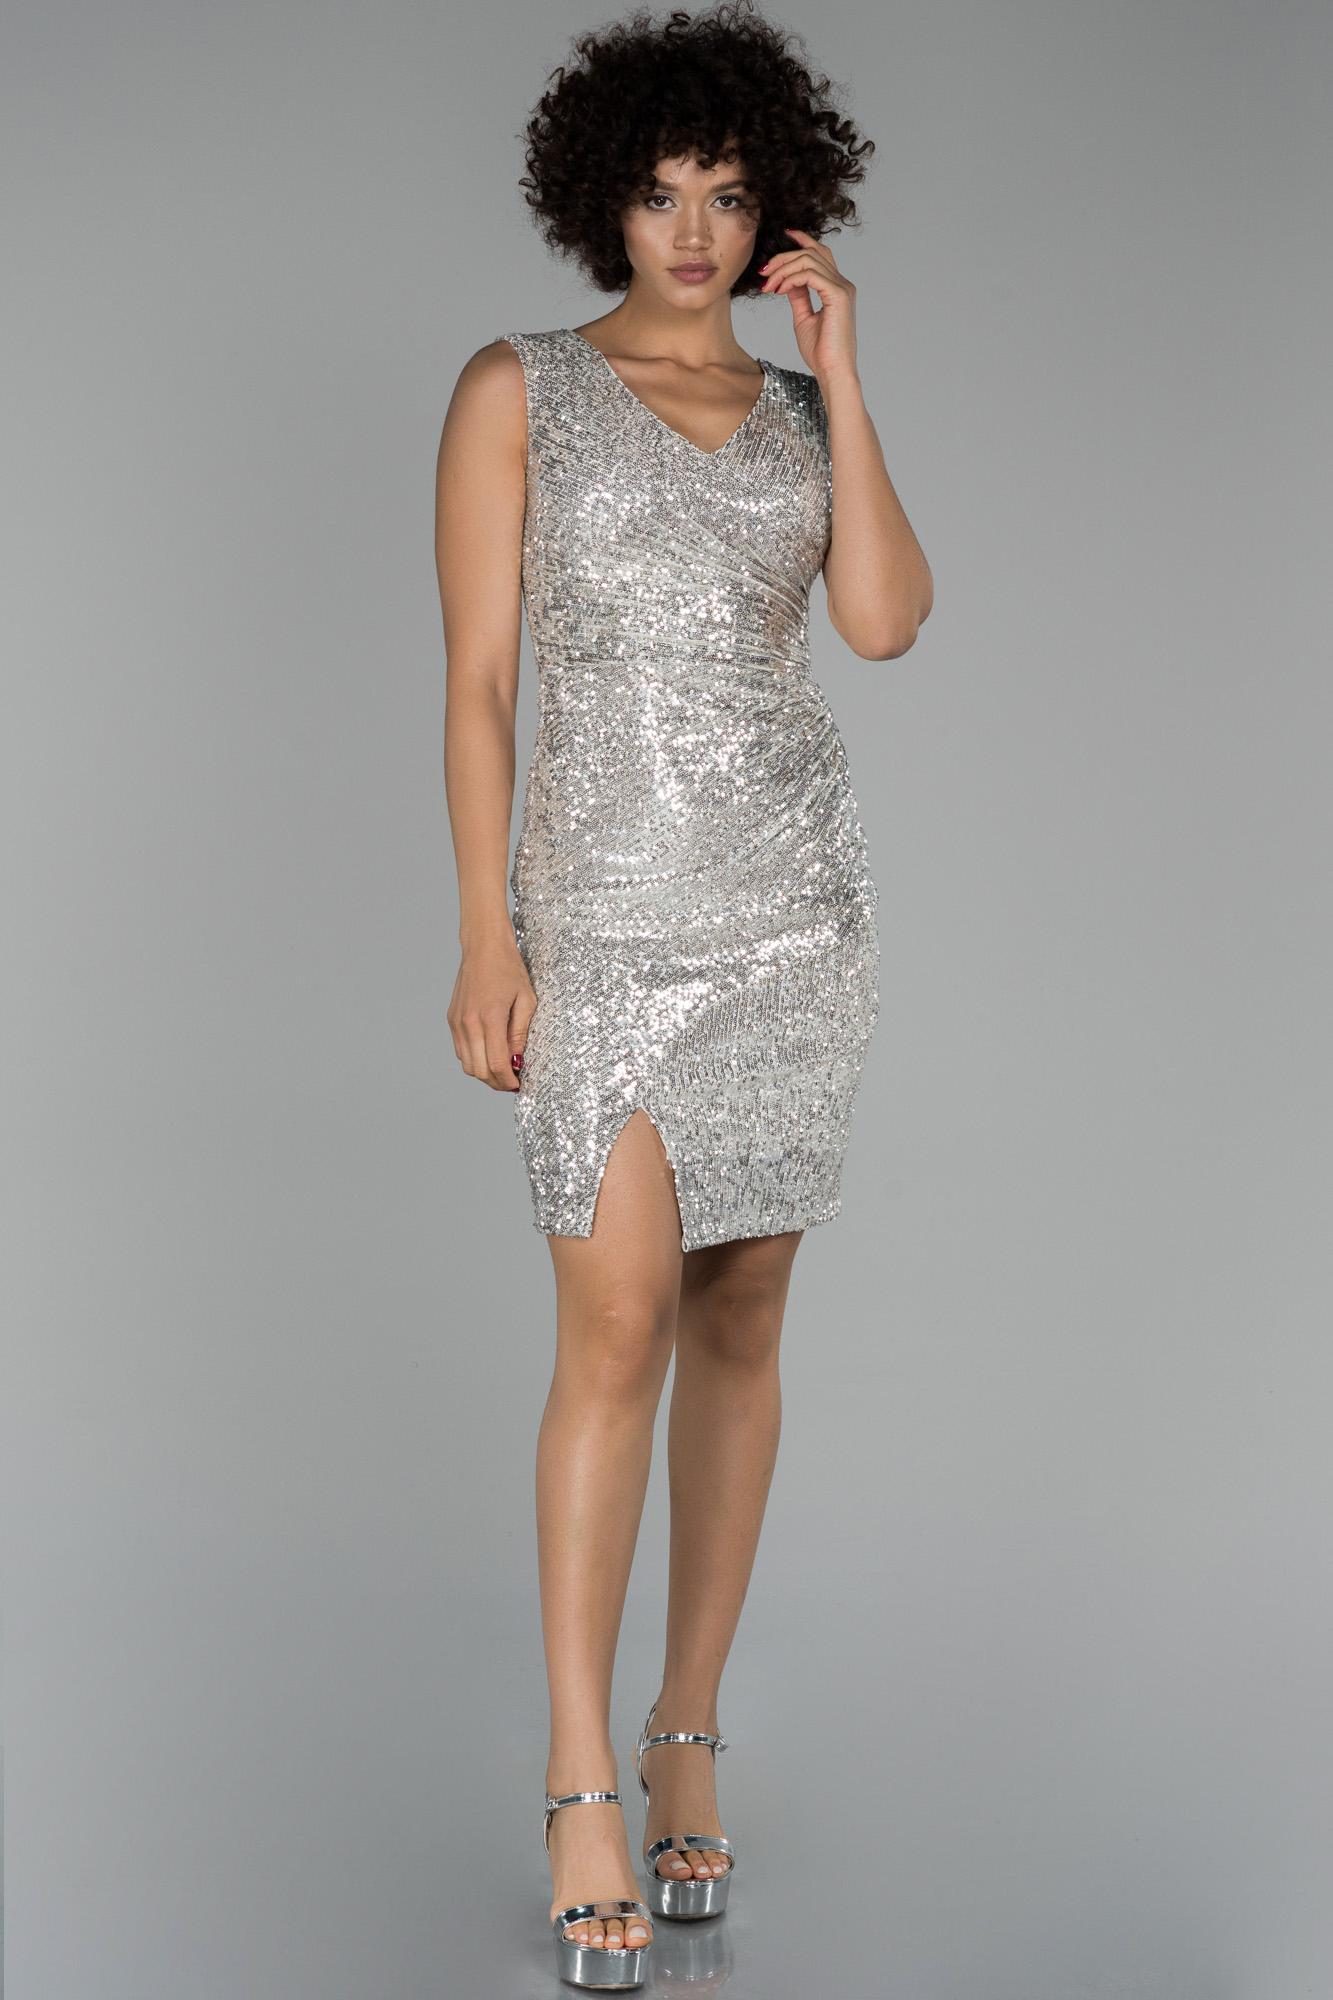 Vizon Mini Pul Payet Işlemeli Yırtmaç Detaylı Davet Elbisesi